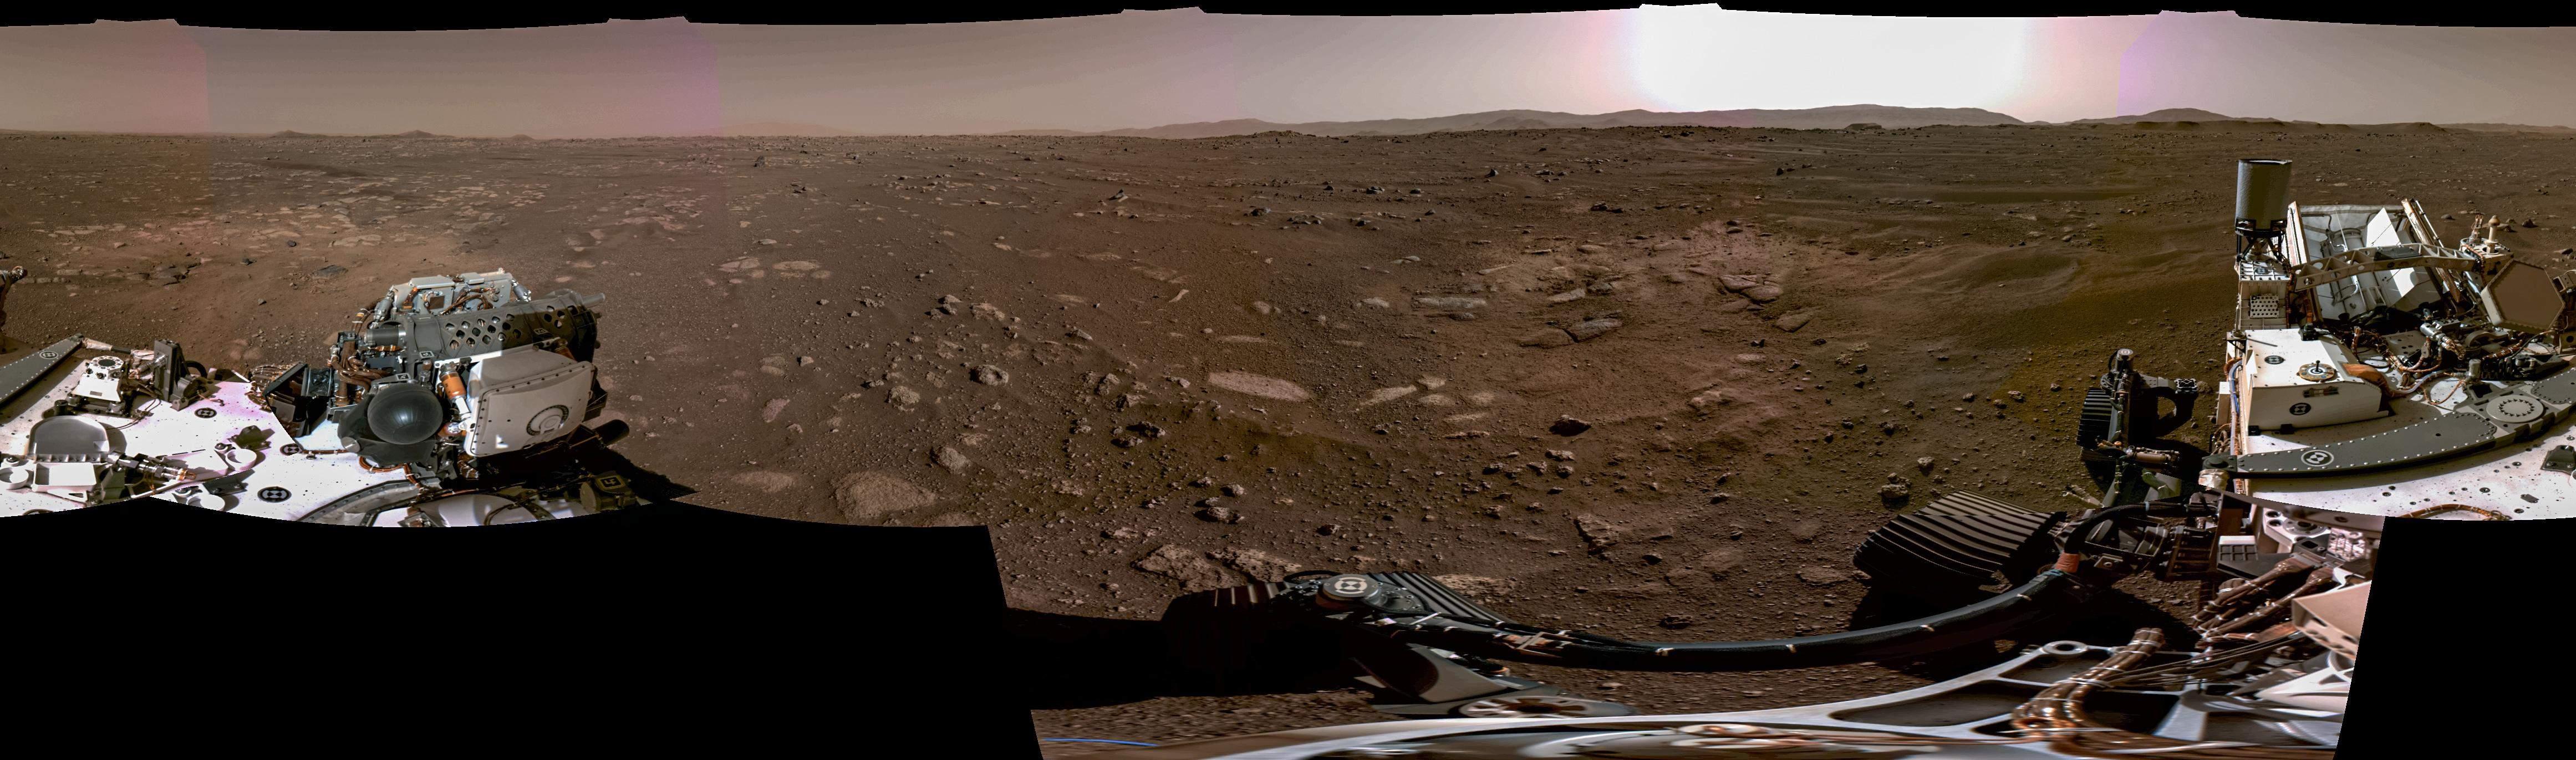 Панорама Марсу